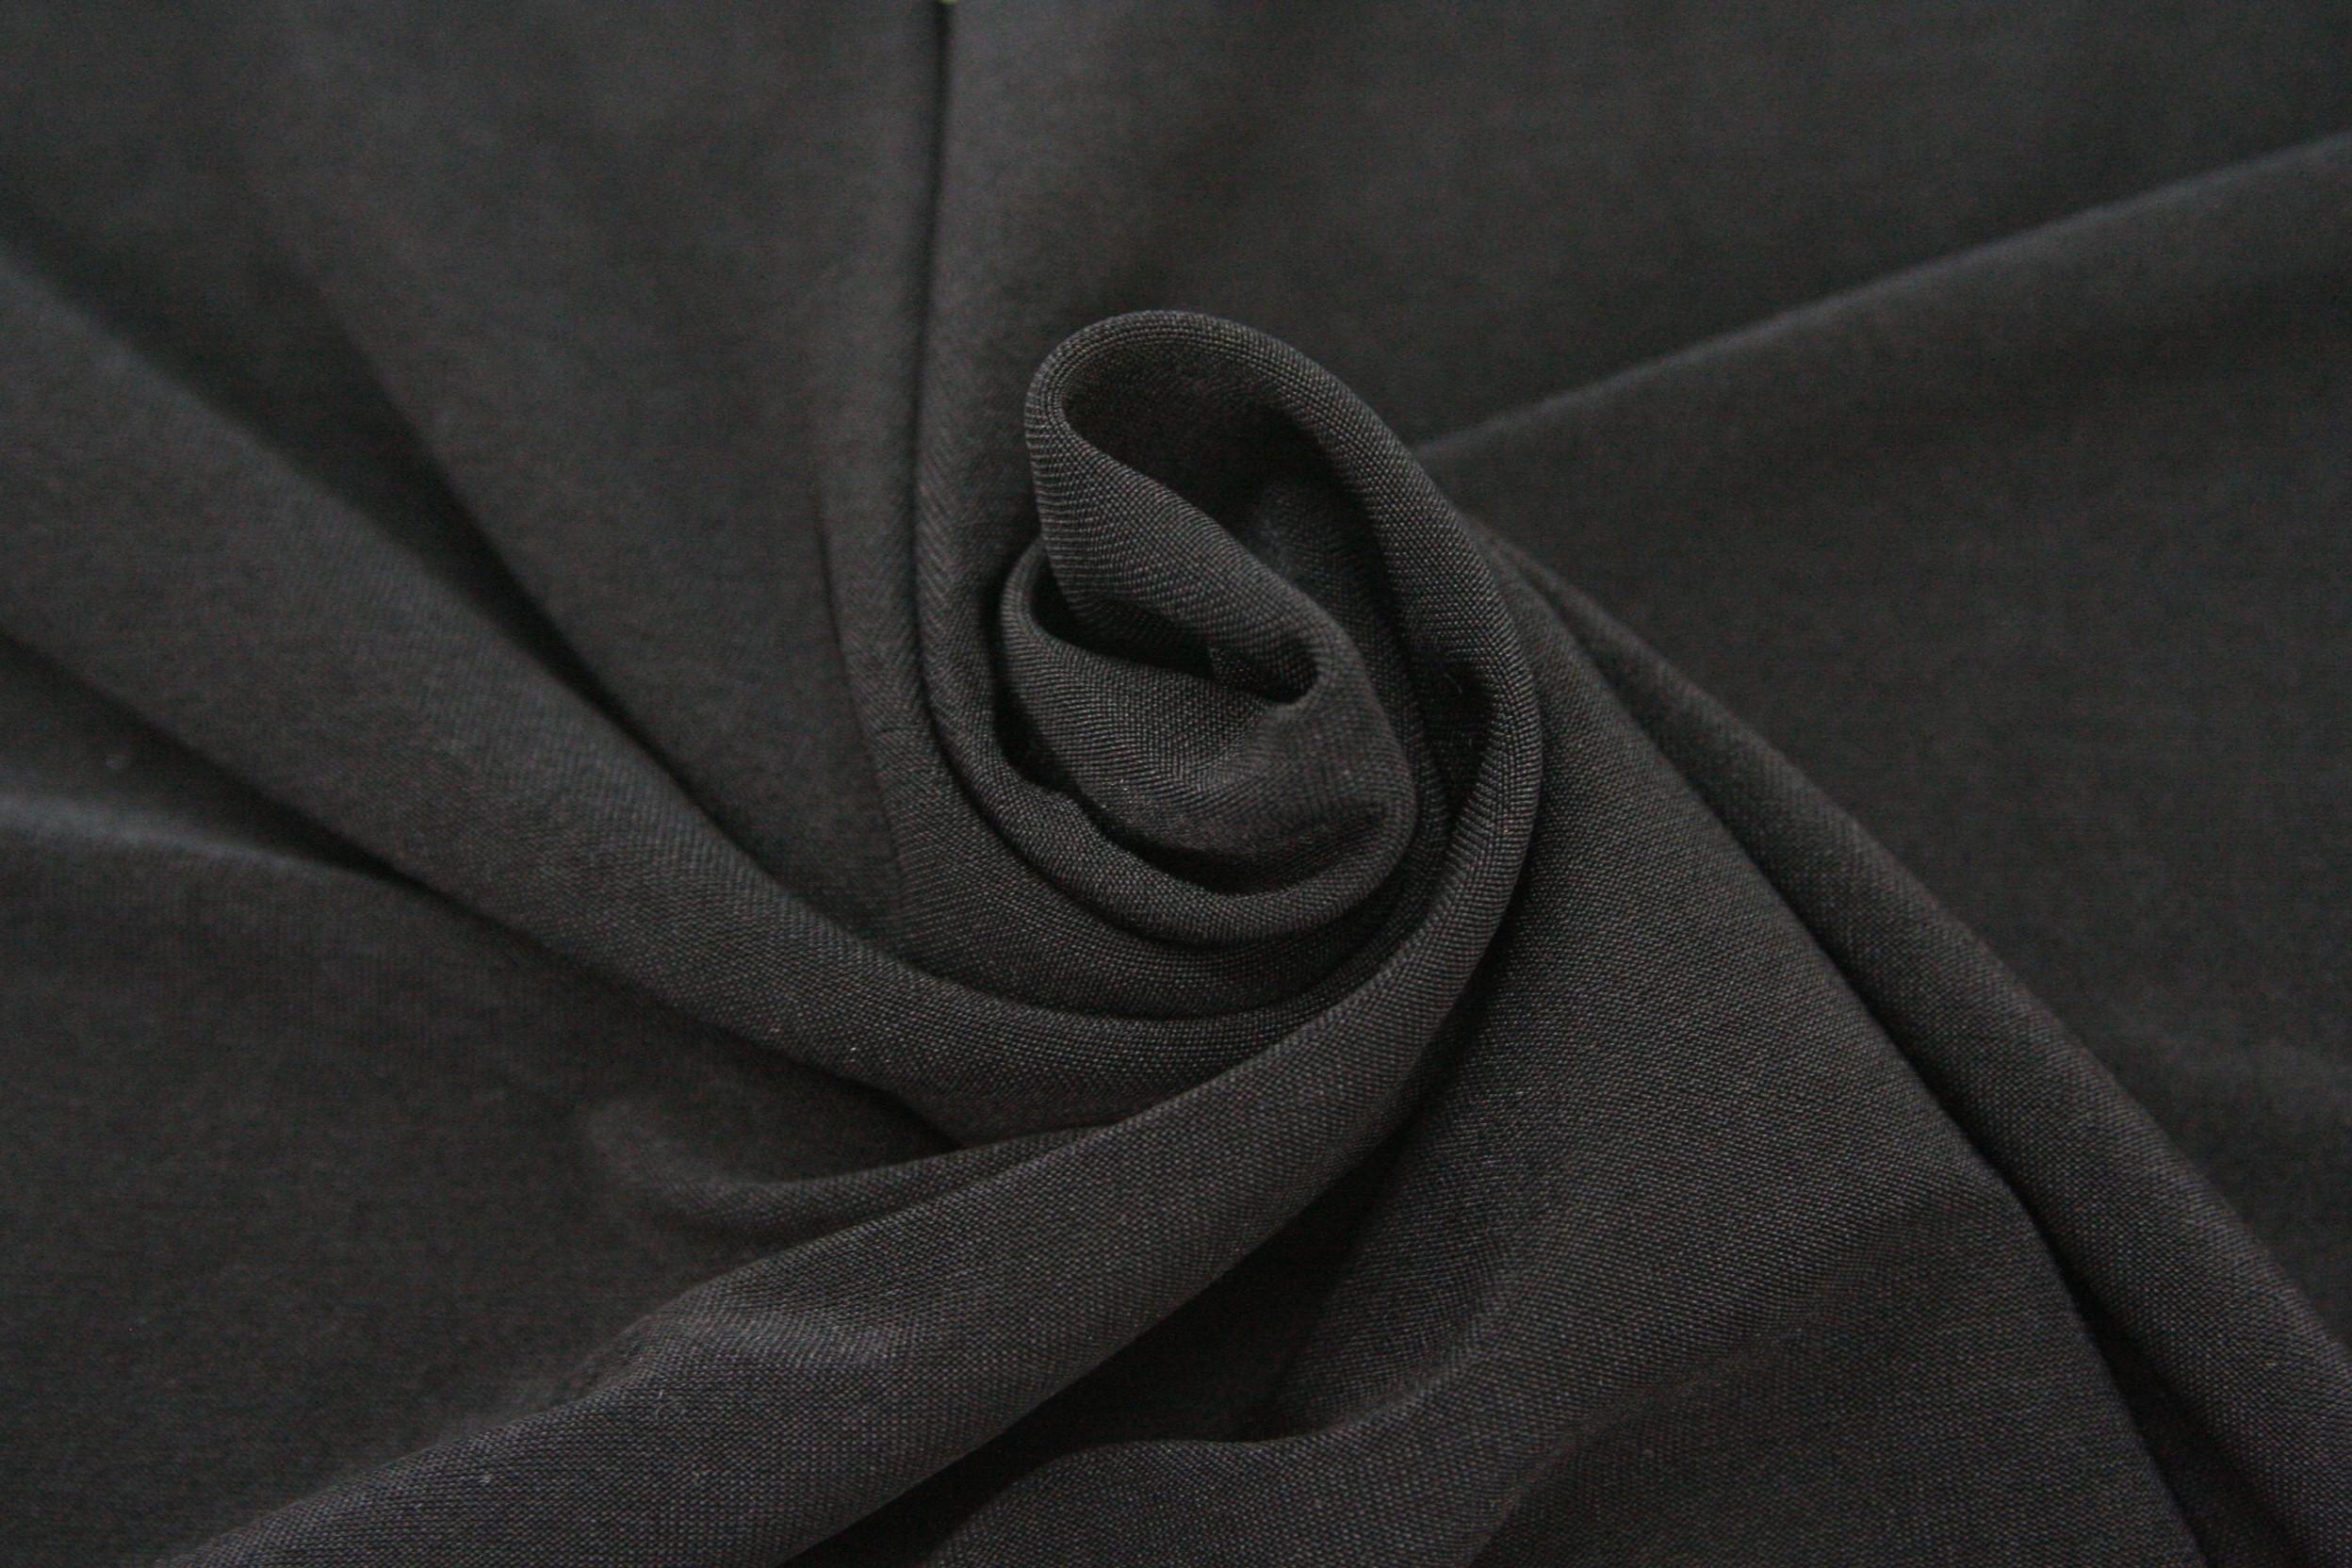 Ткань трикотаж турция купить шерсть состав и свойства ткани